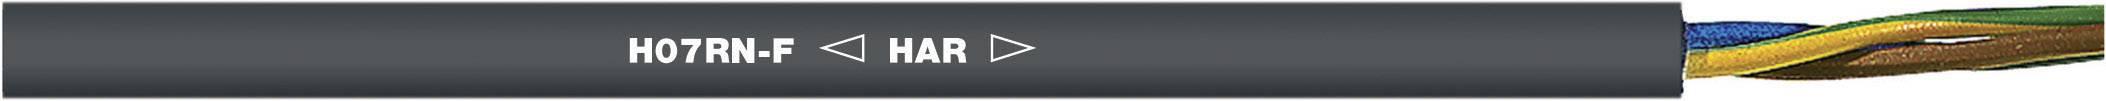 Připojovací kabel H07RN-F 4 G 2.50 mm² černá LAPP 16001053 metrové zboží